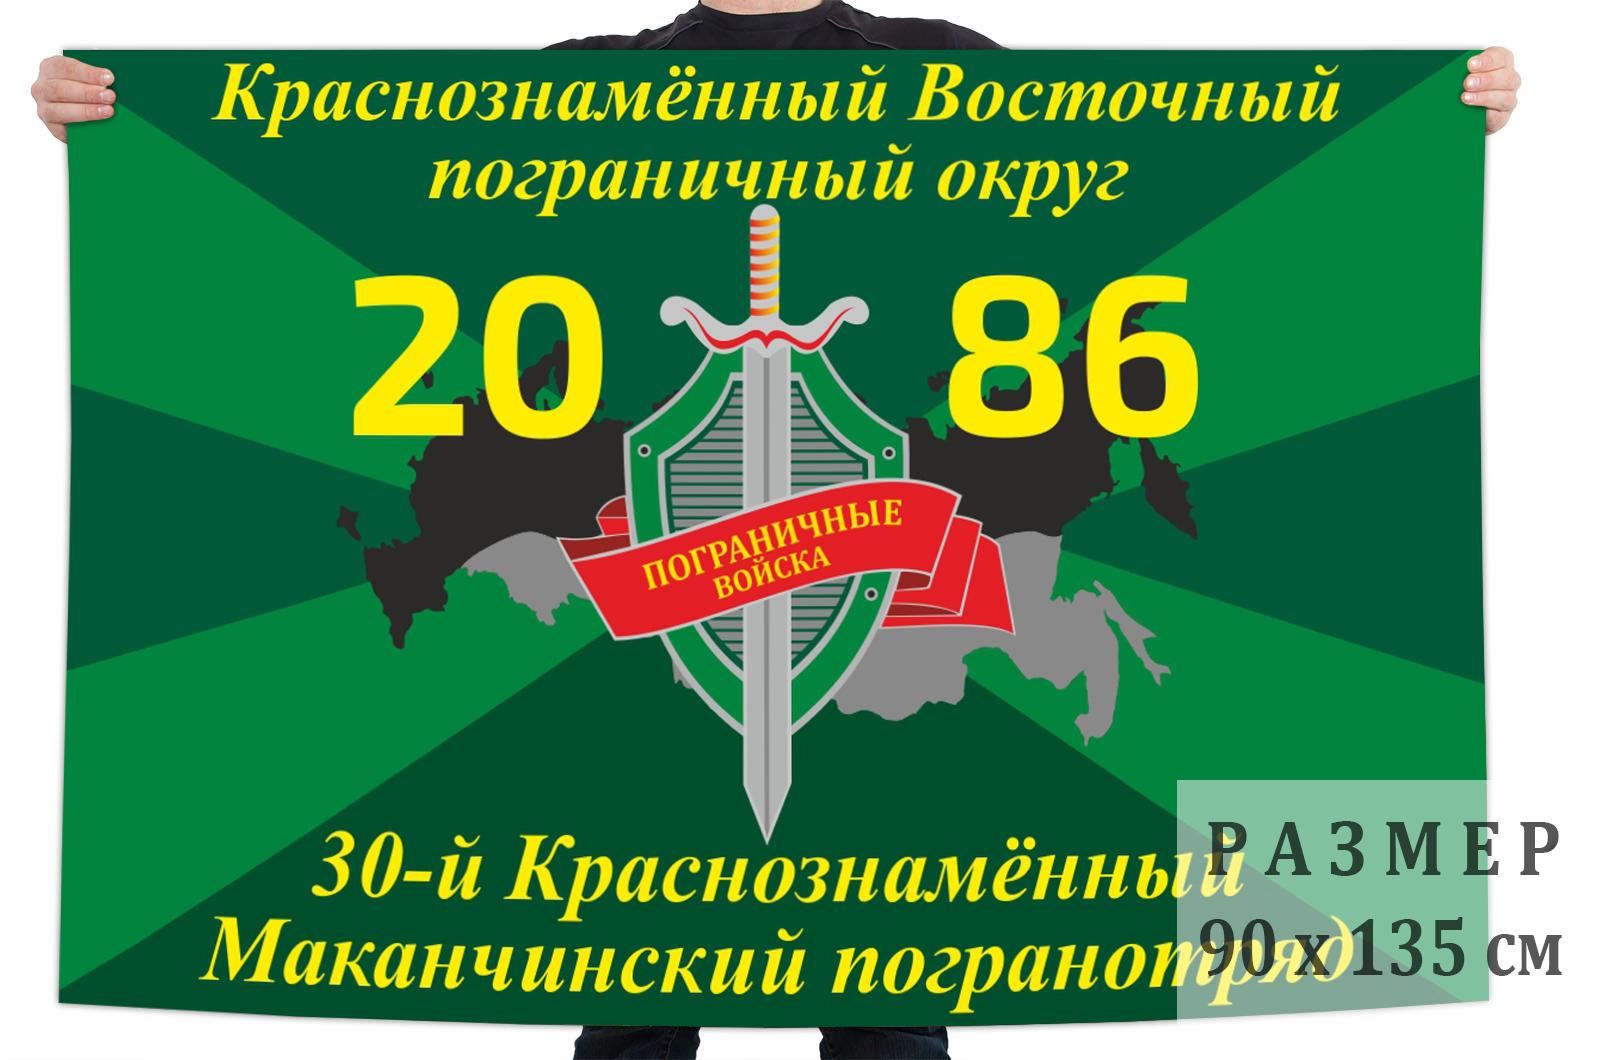 Флаг КЗВПО 30-й Краснознаменный Маканчинский погранотряд